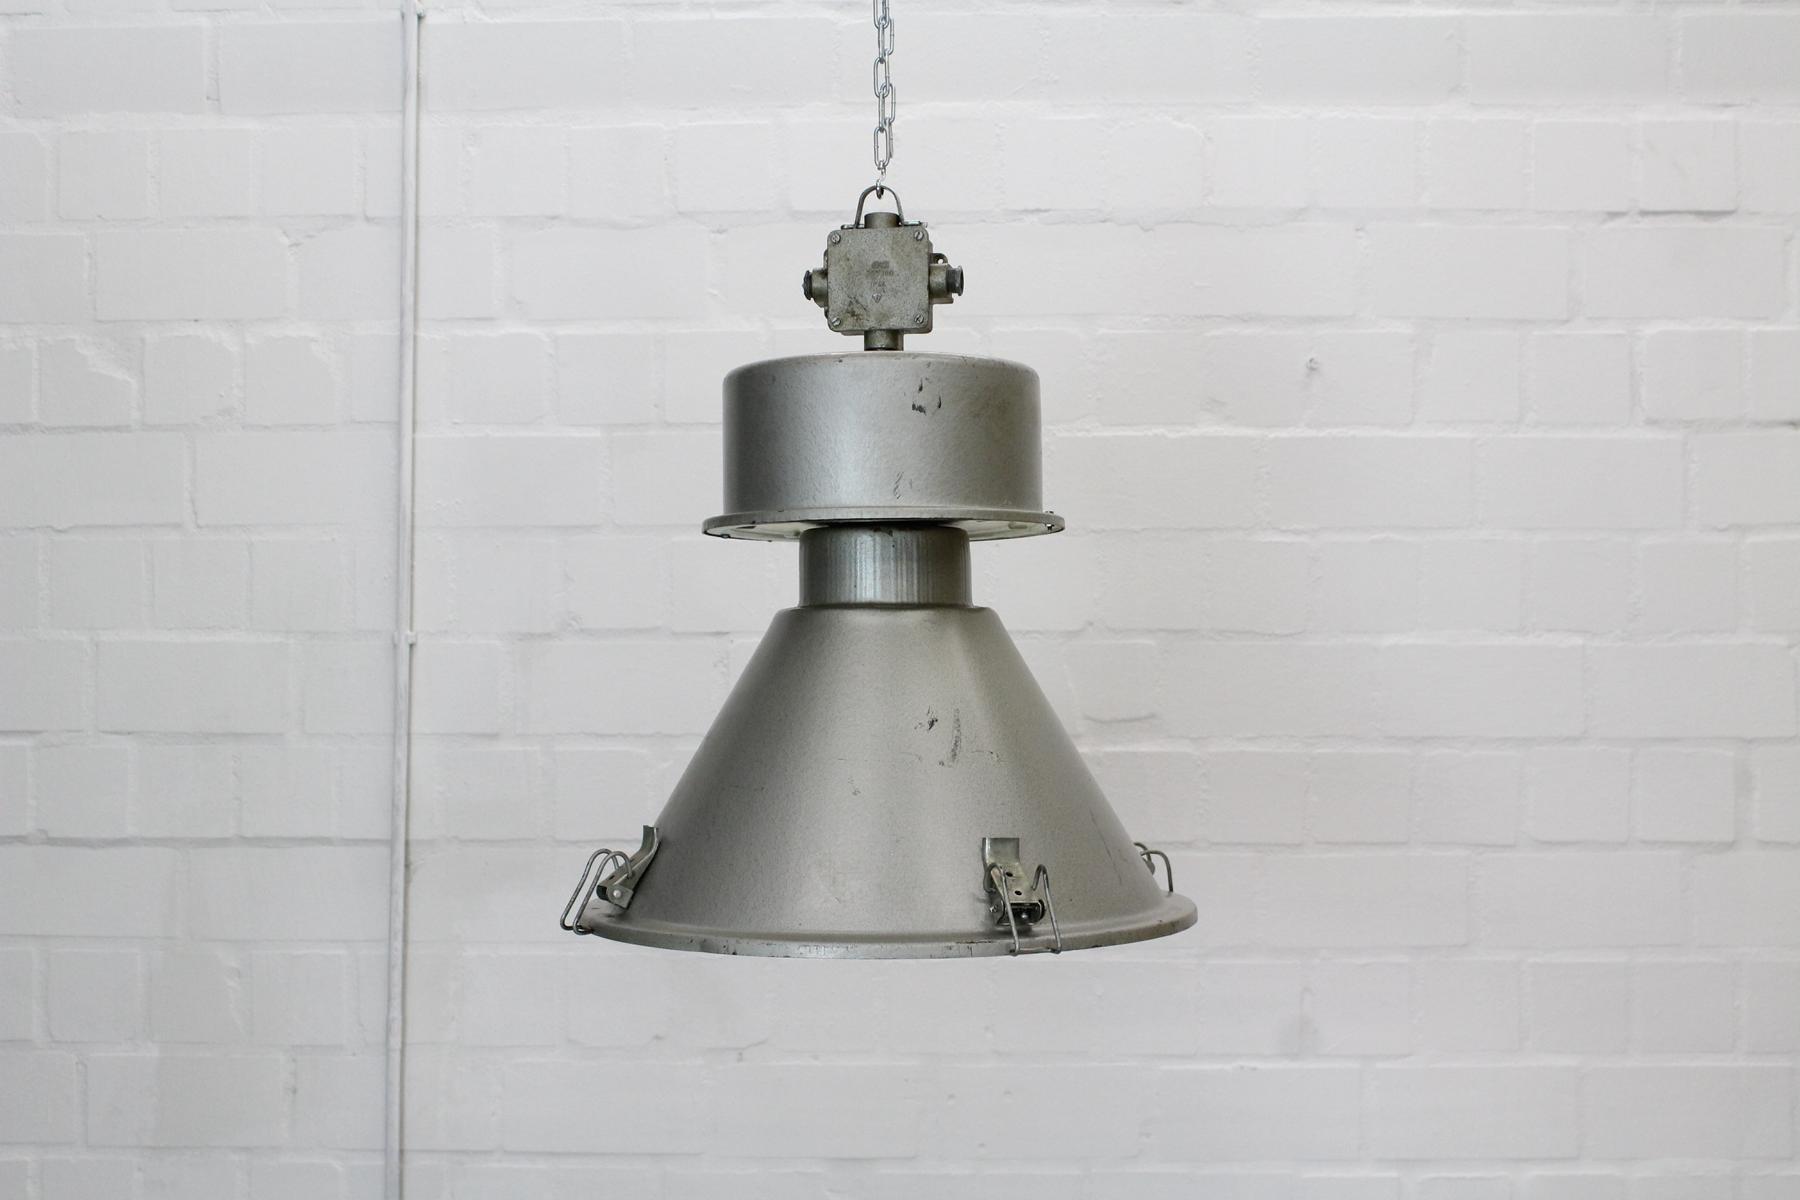 industrielle vintage deckenlampe bei pamono kaufen. Black Bedroom Furniture Sets. Home Design Ideas